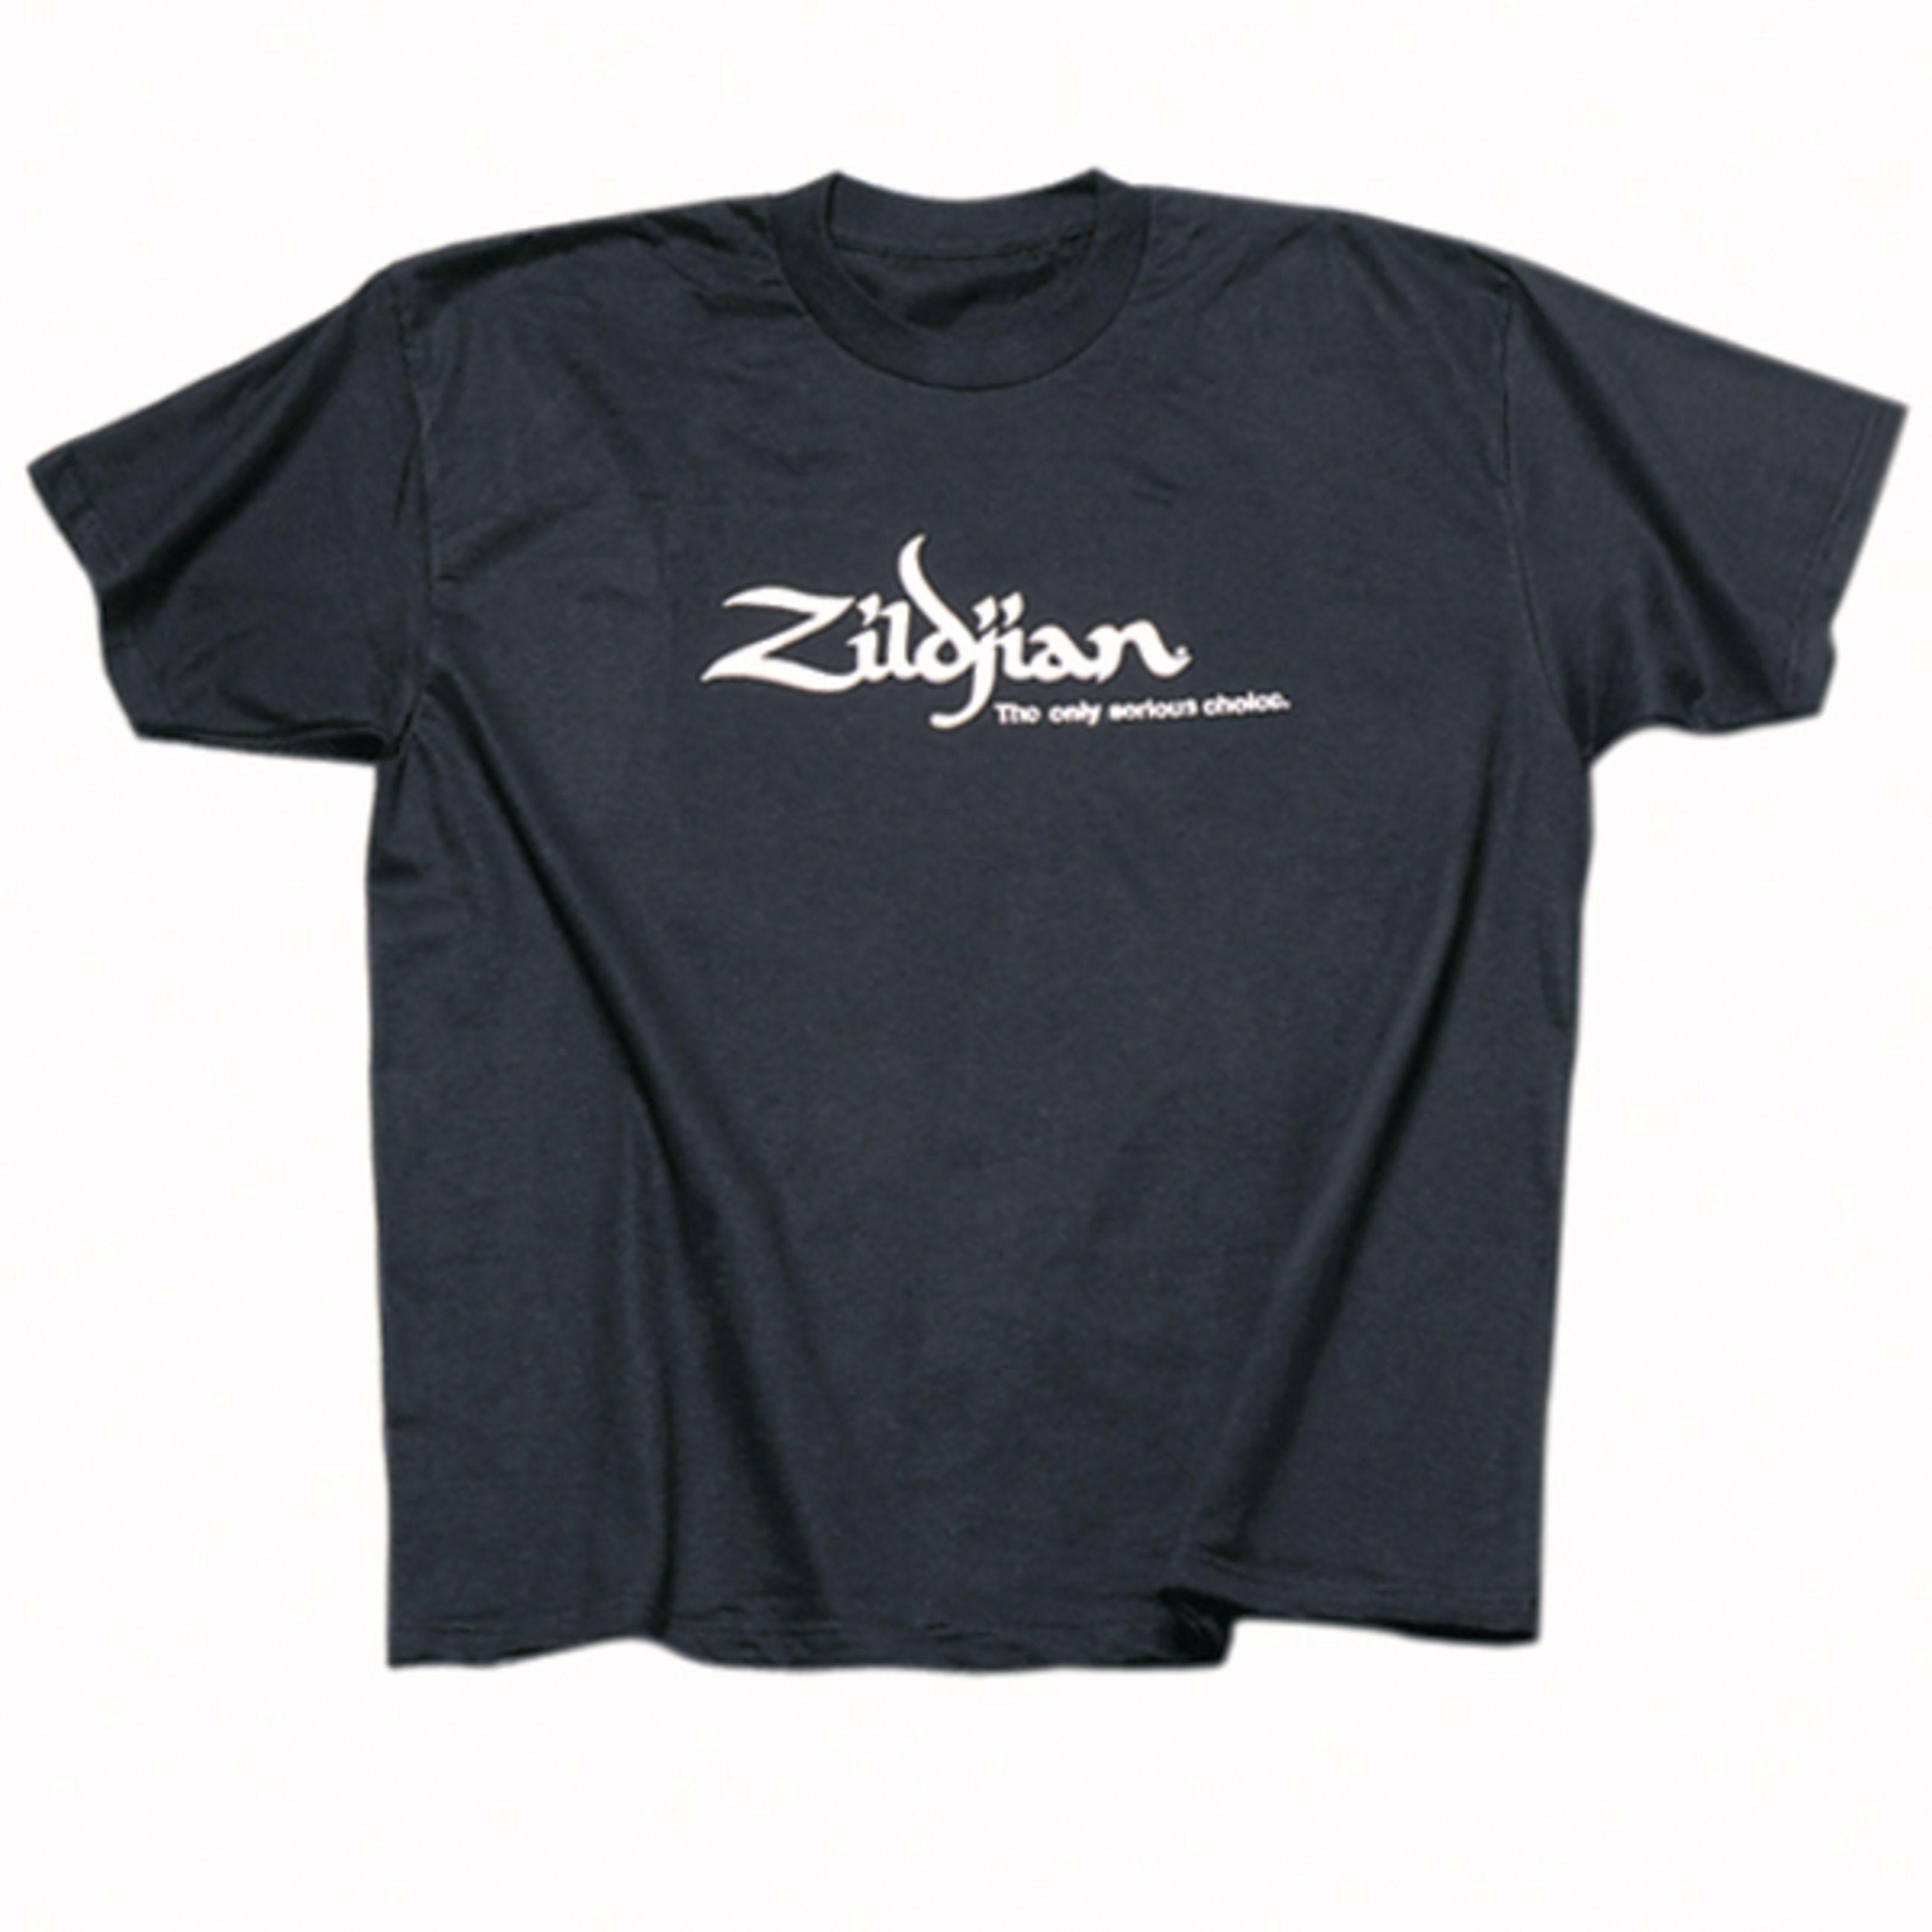 Zildjian T-Shirt Classic, Black Large